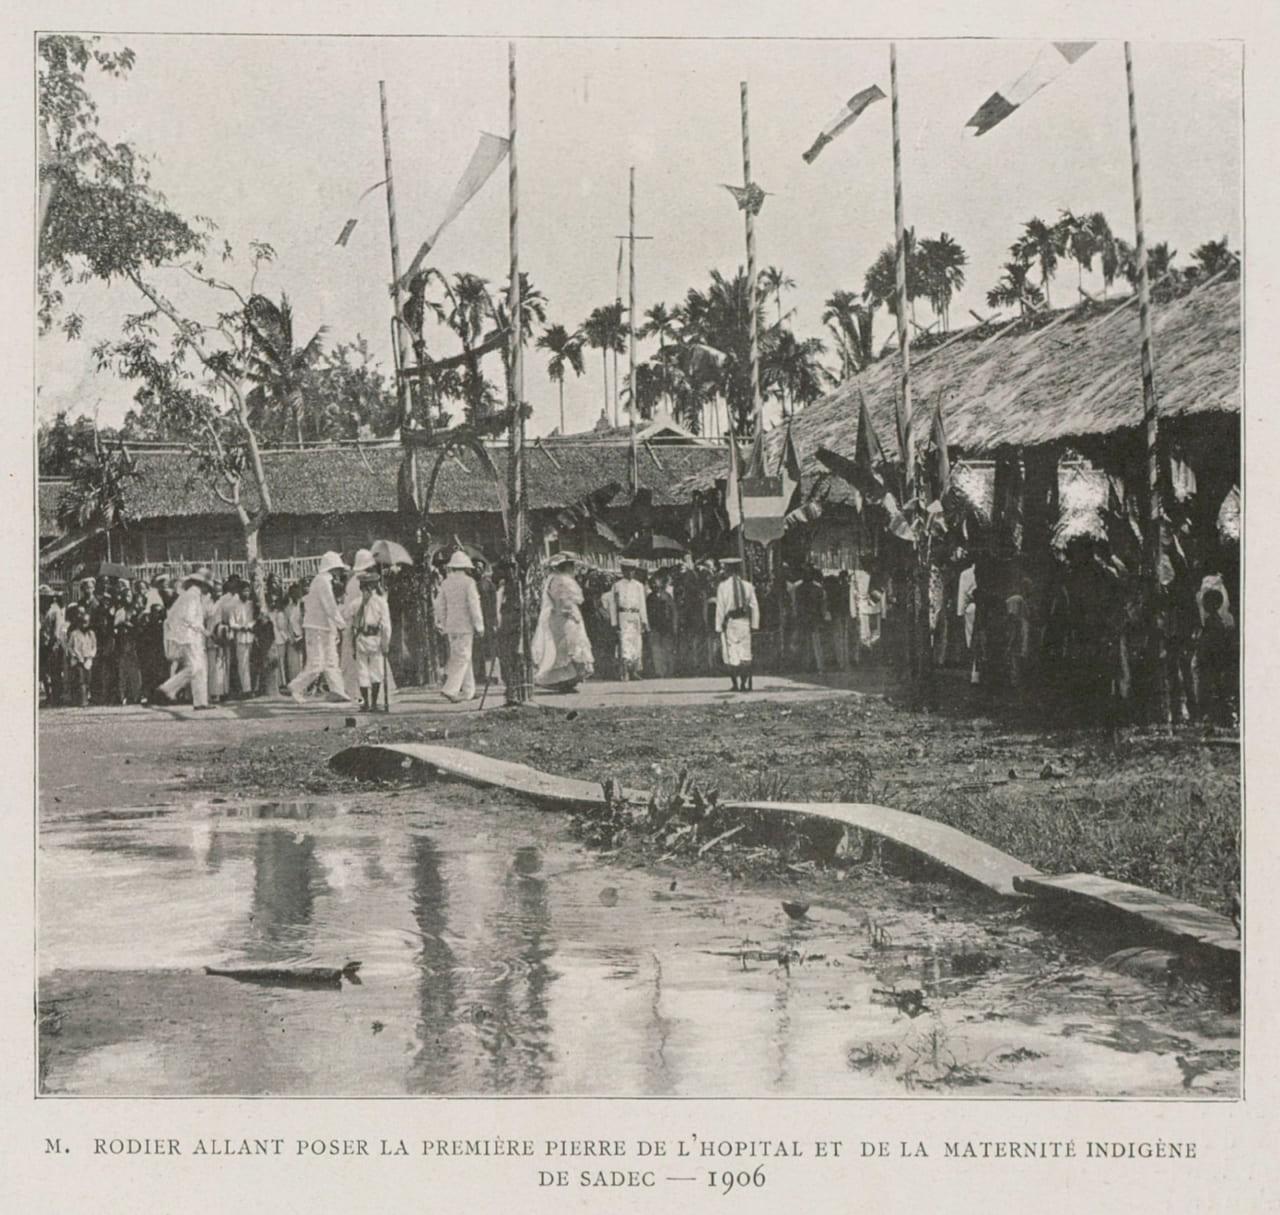 Ông Rodier Den đặt viên đá đầu tiên xây dựng bệnh viện và bảo sanh viện cho người bản xứ ở Sa Đéc năm 1906